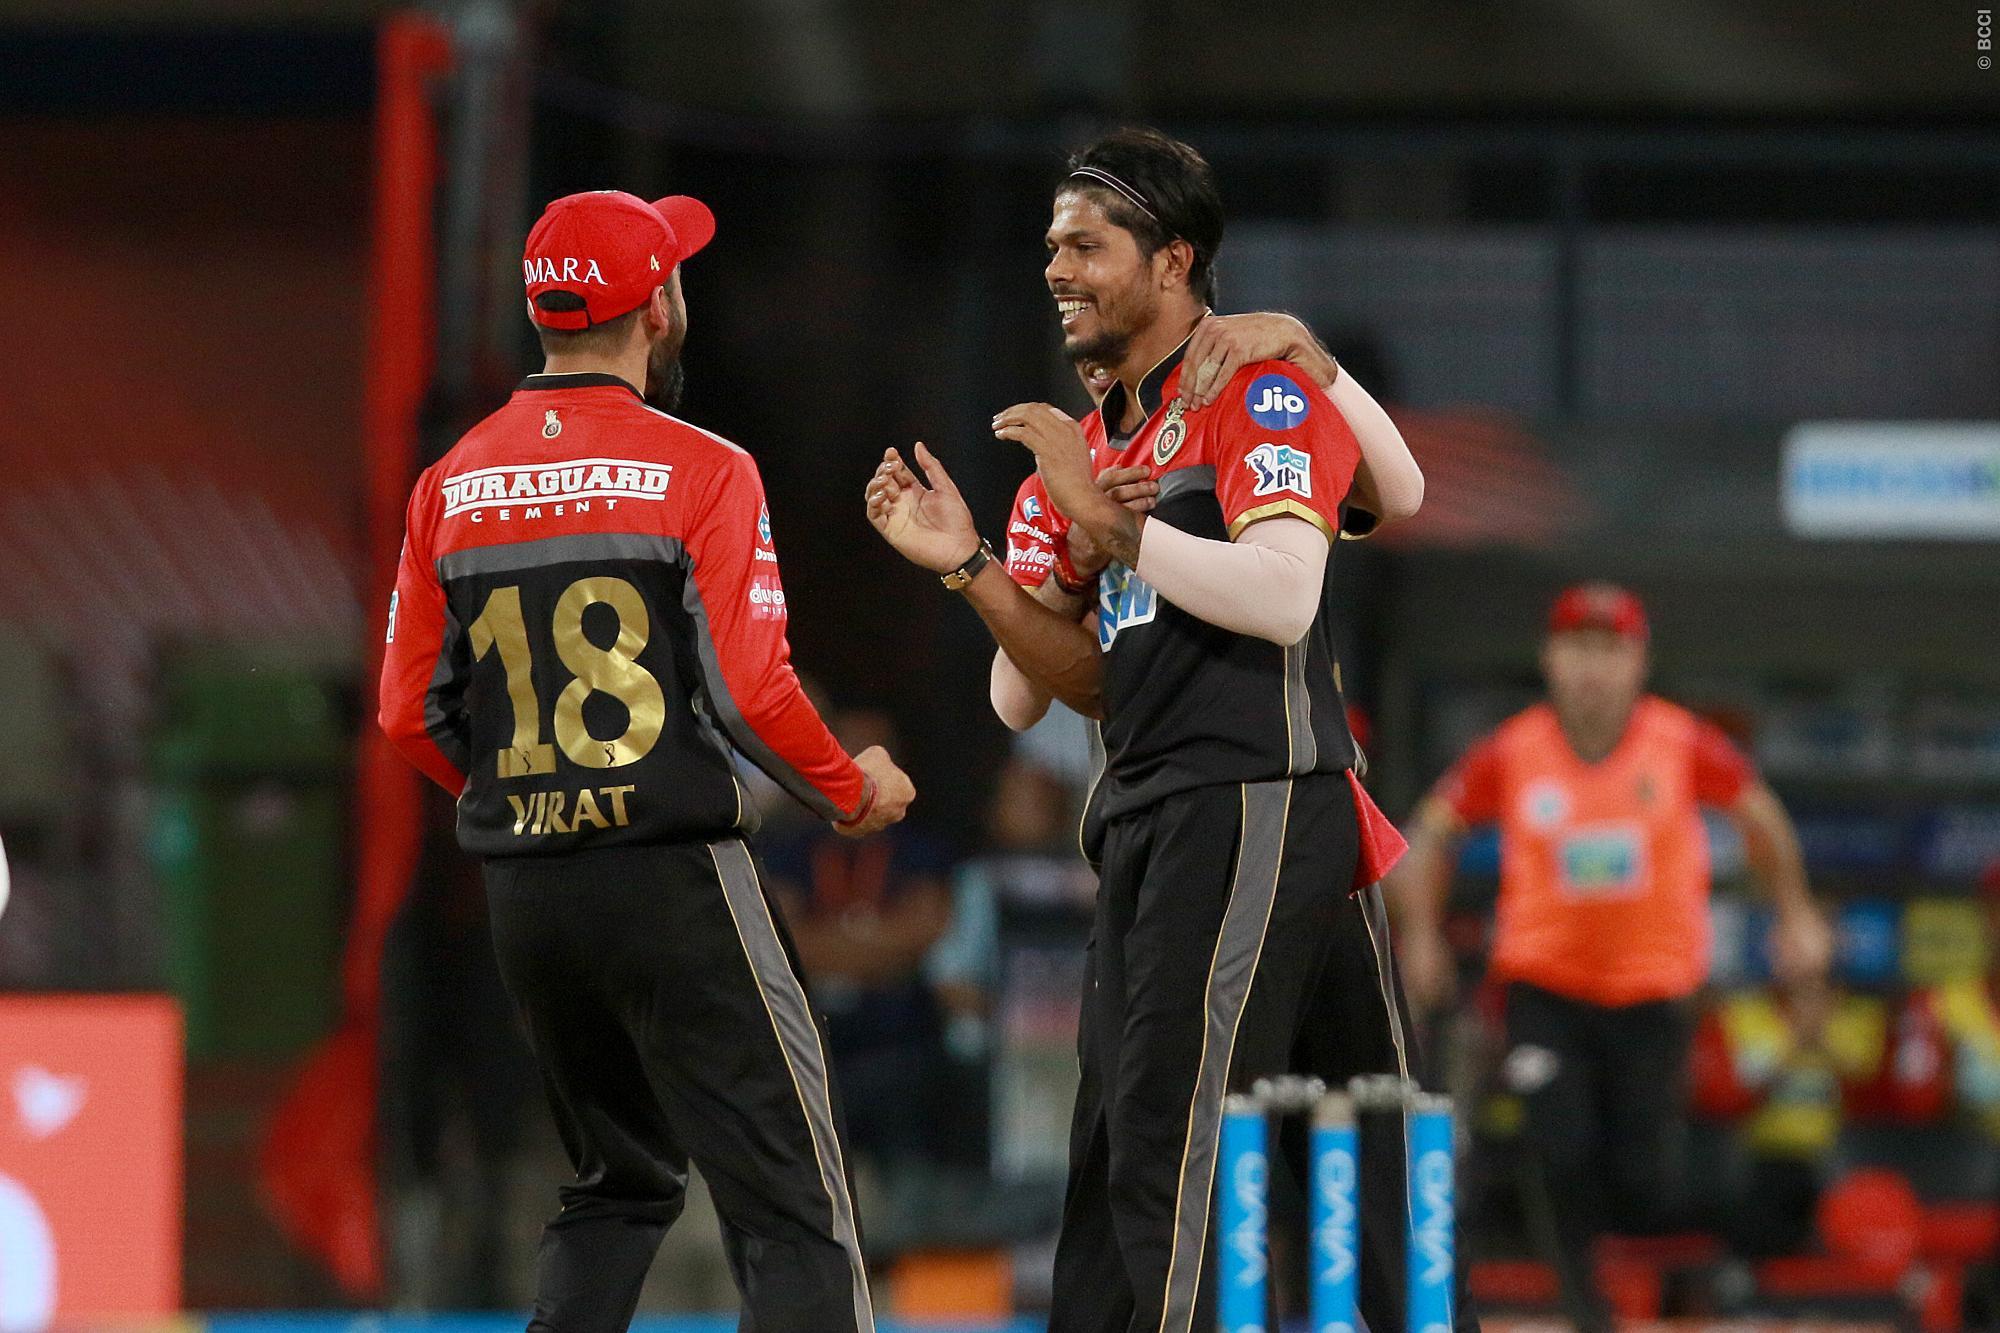 KXIP VS RCB- मैन ऑफ द मैच लेते समय उमेश यादव ने खोला अपनी सफलता का राज, कैसे मिलते है टी-20 में विकेट 1